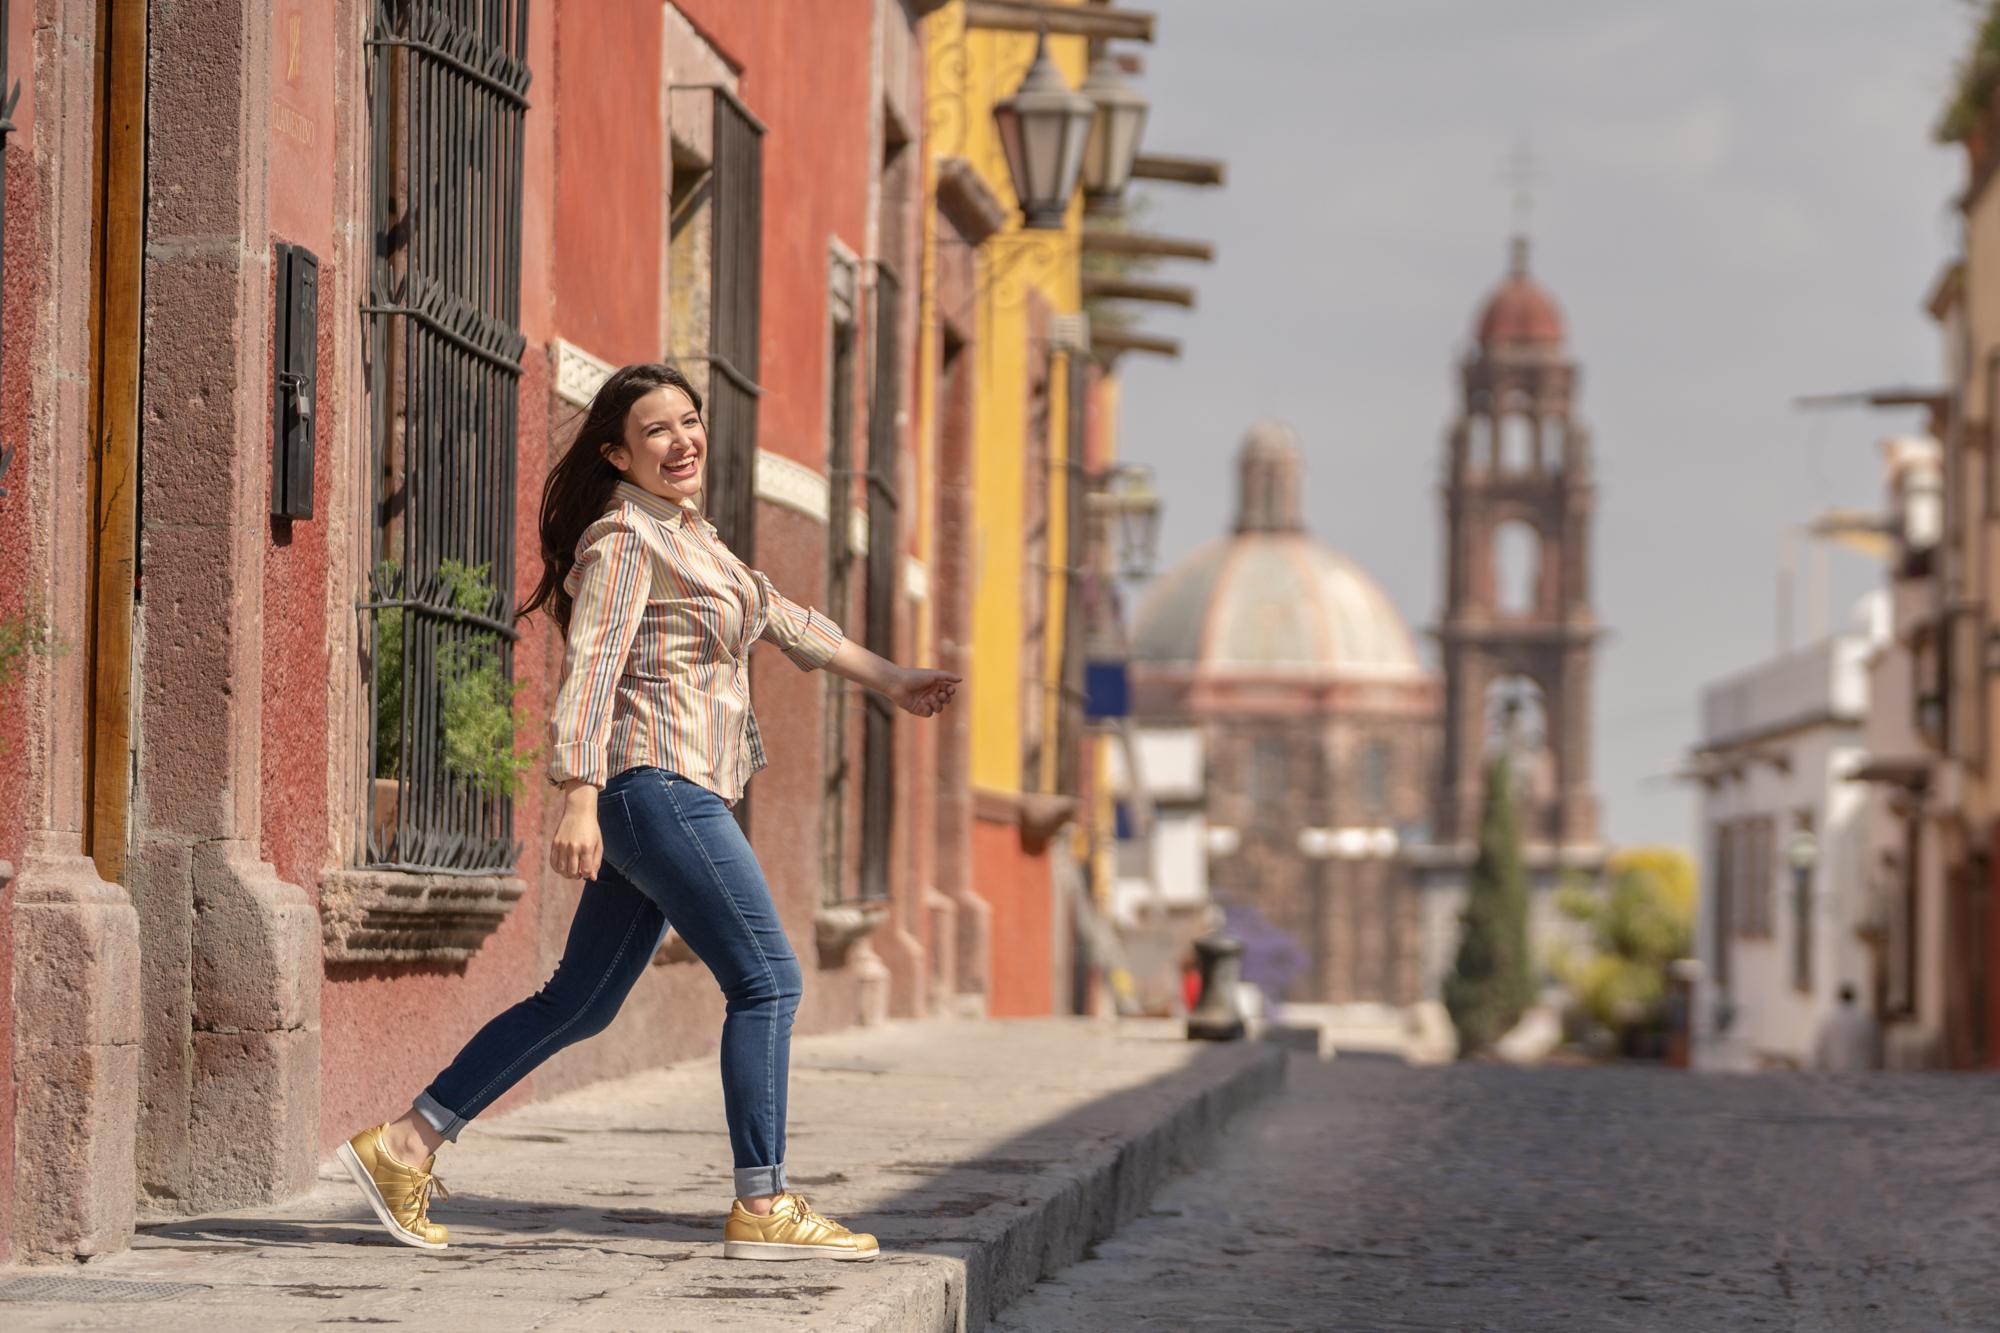 Sesion de Fotos en San Miguel de Allende con Rogelio y su Fmailia-33.jpg